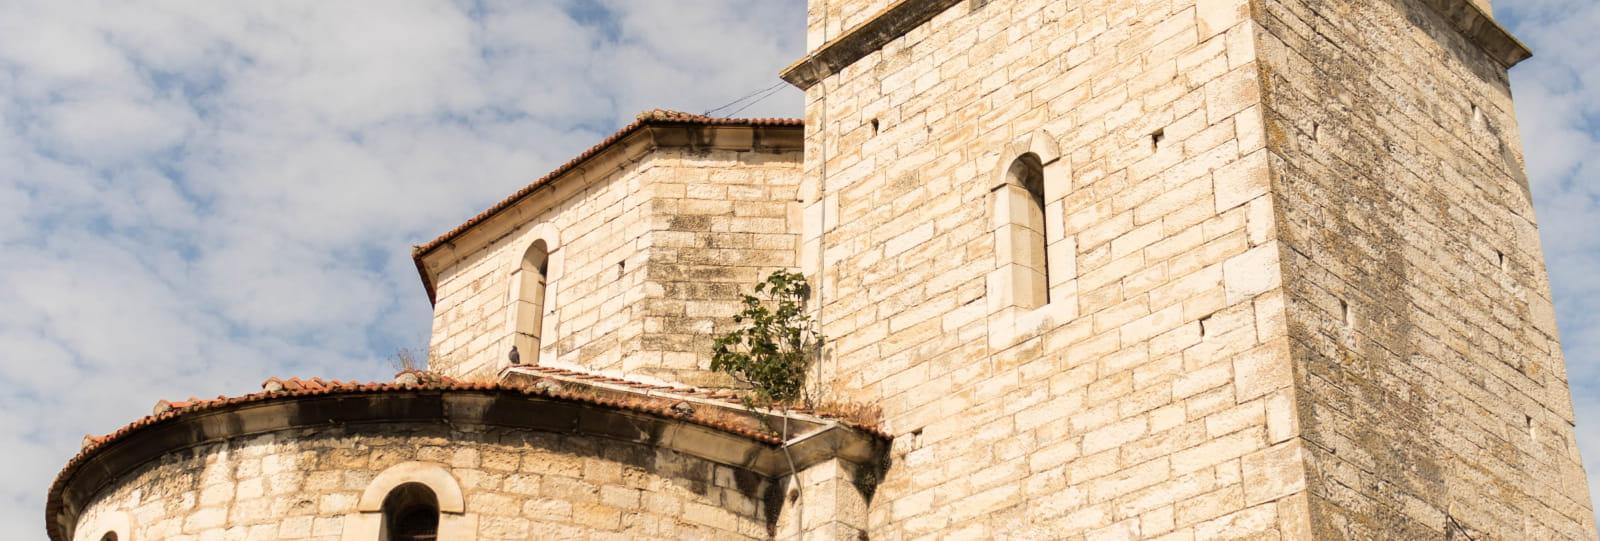 Le château et ses 4 tours